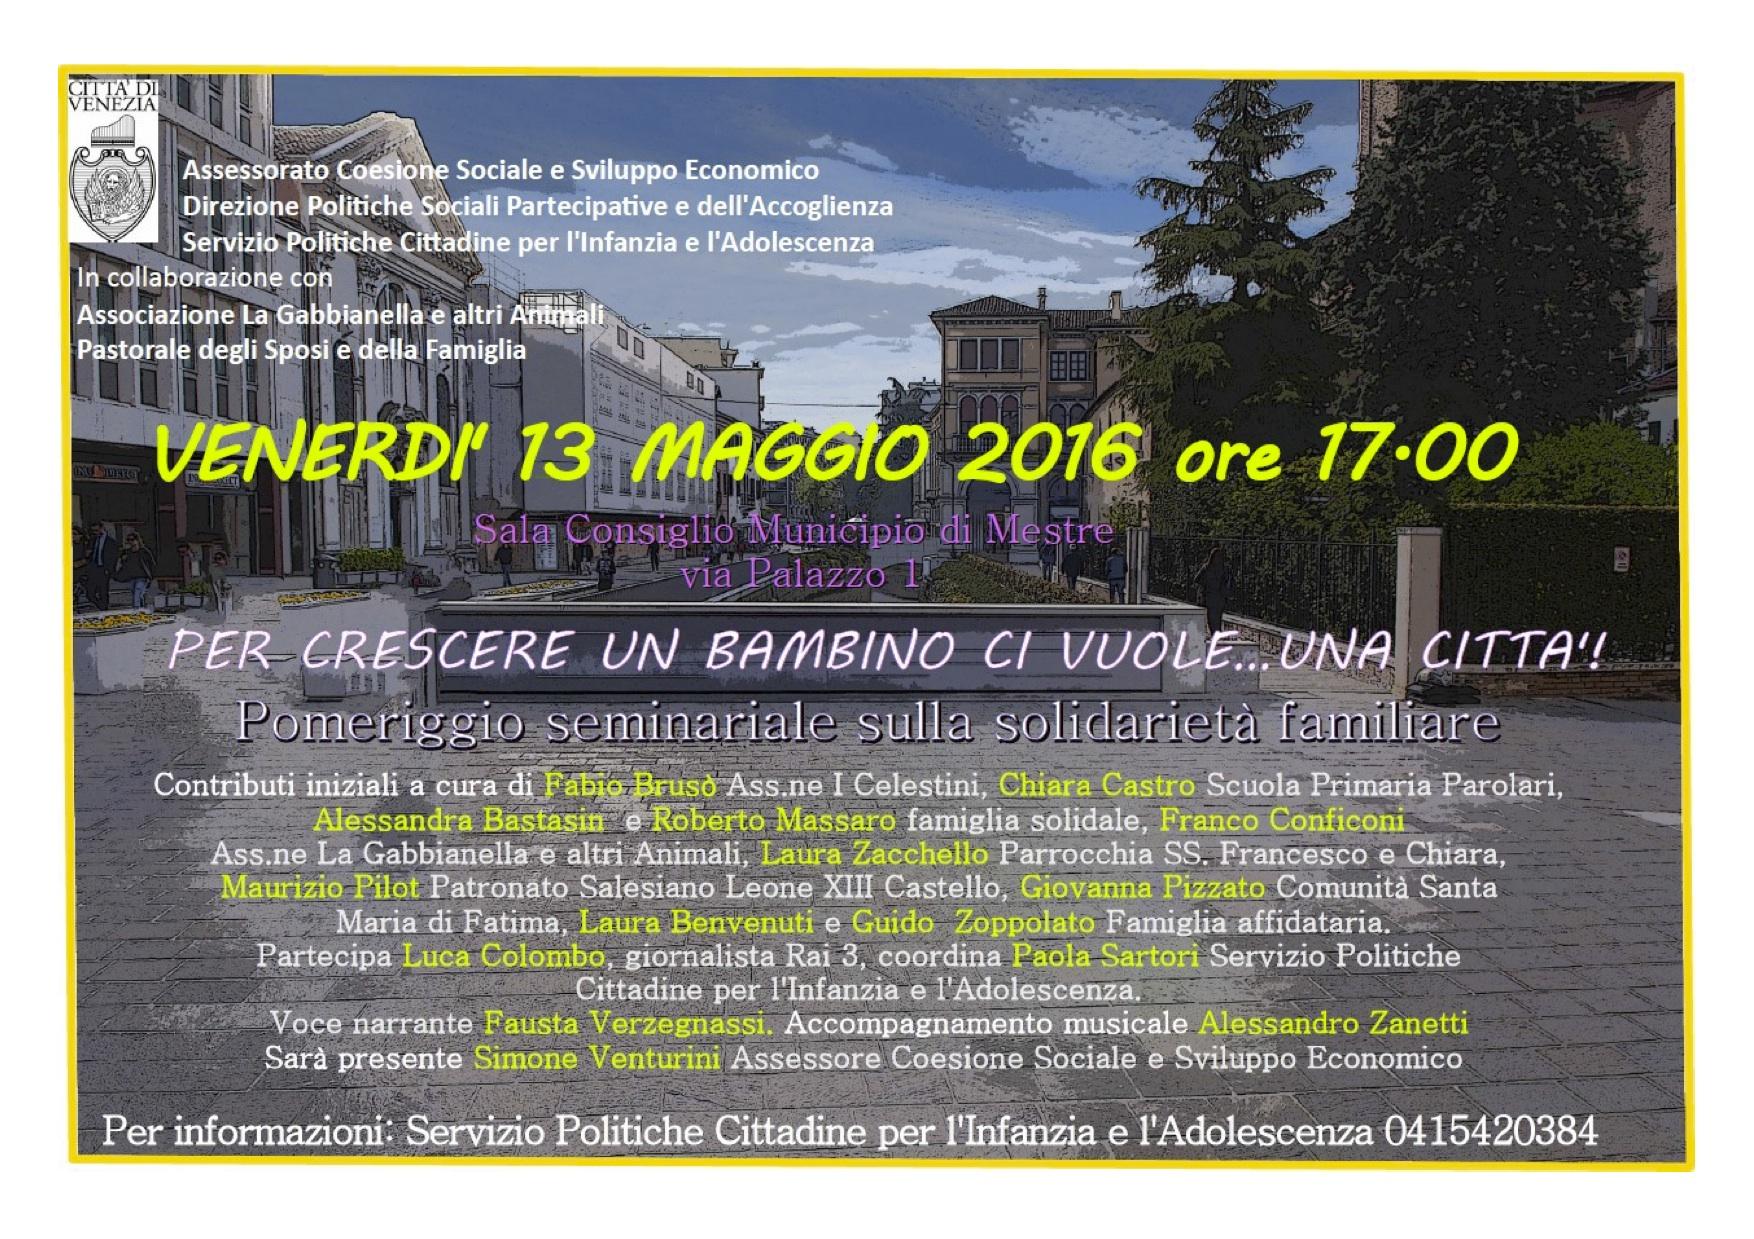 20160513.venezia.percrescereunbambino